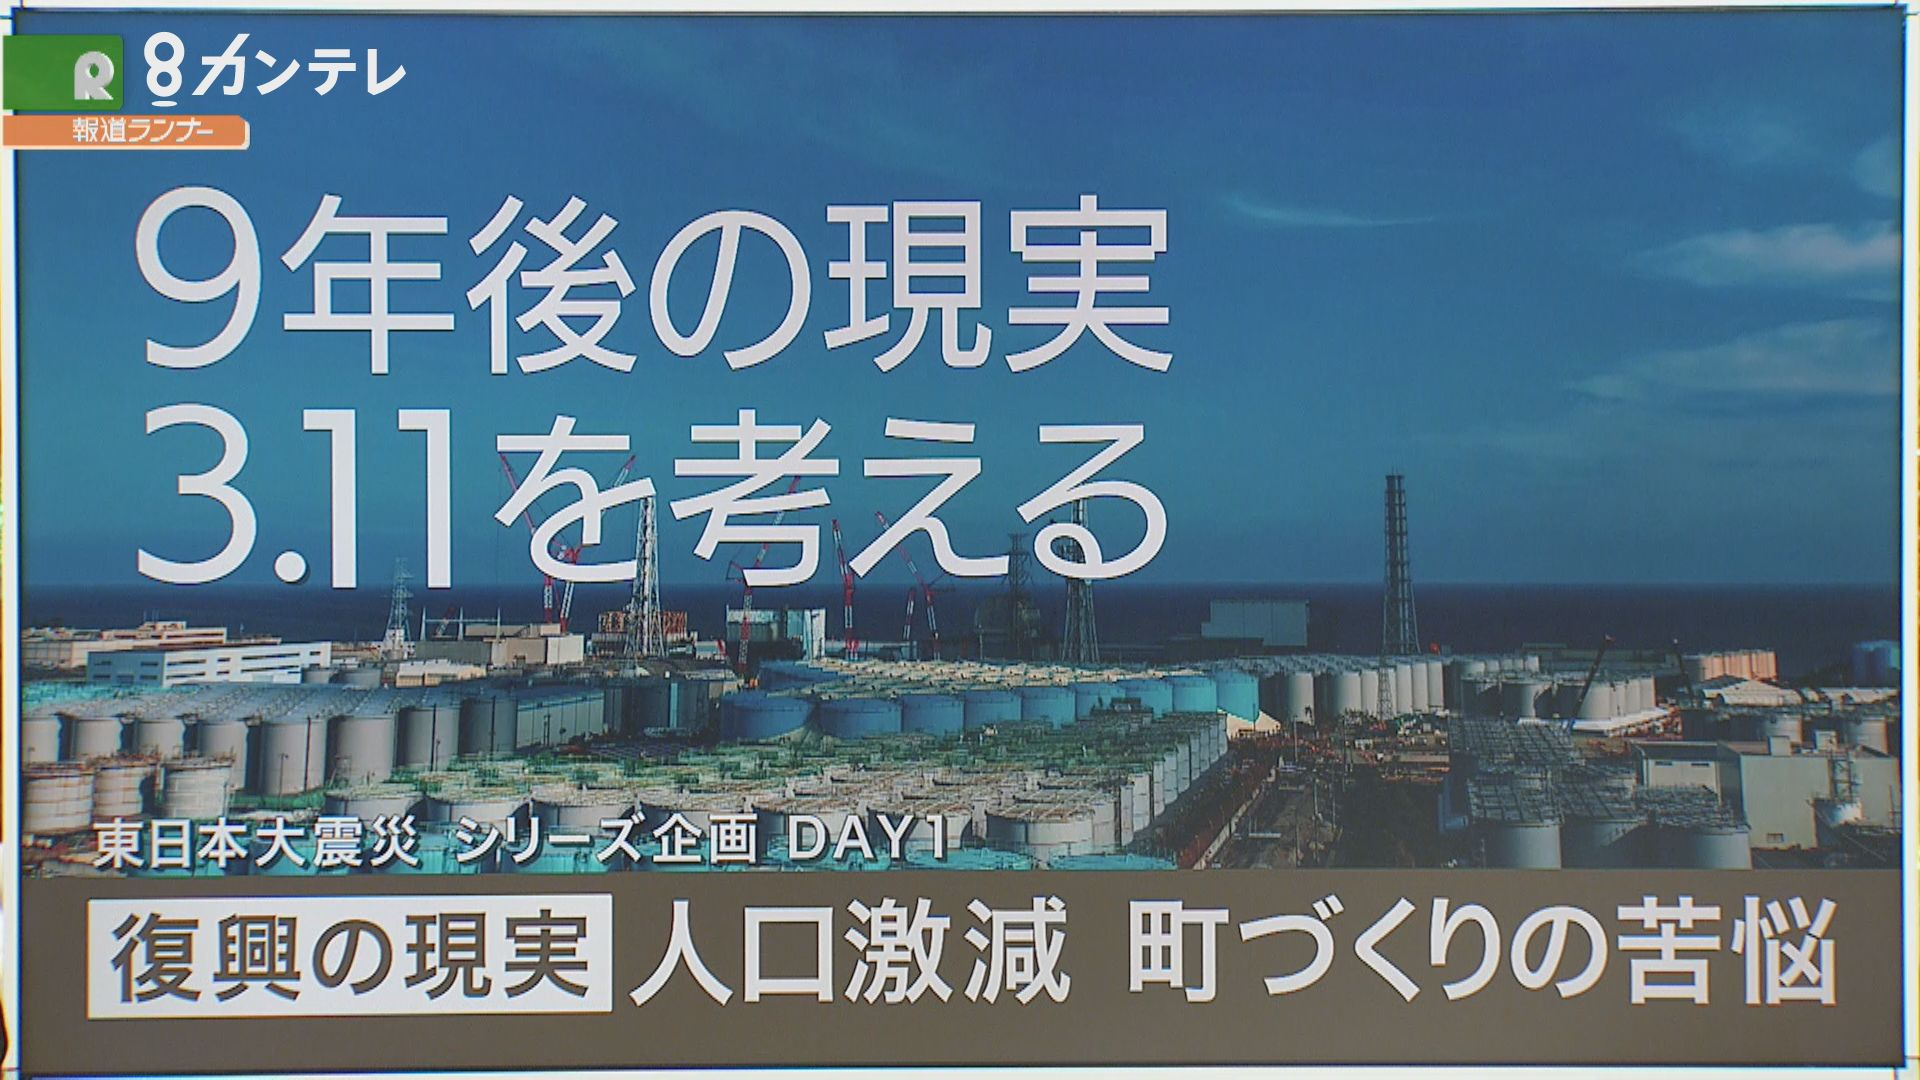 【特集】『復興という名の災害だ』 小さな街が直面する人口激減、孤独死…東日本大震災「9年後の現実」